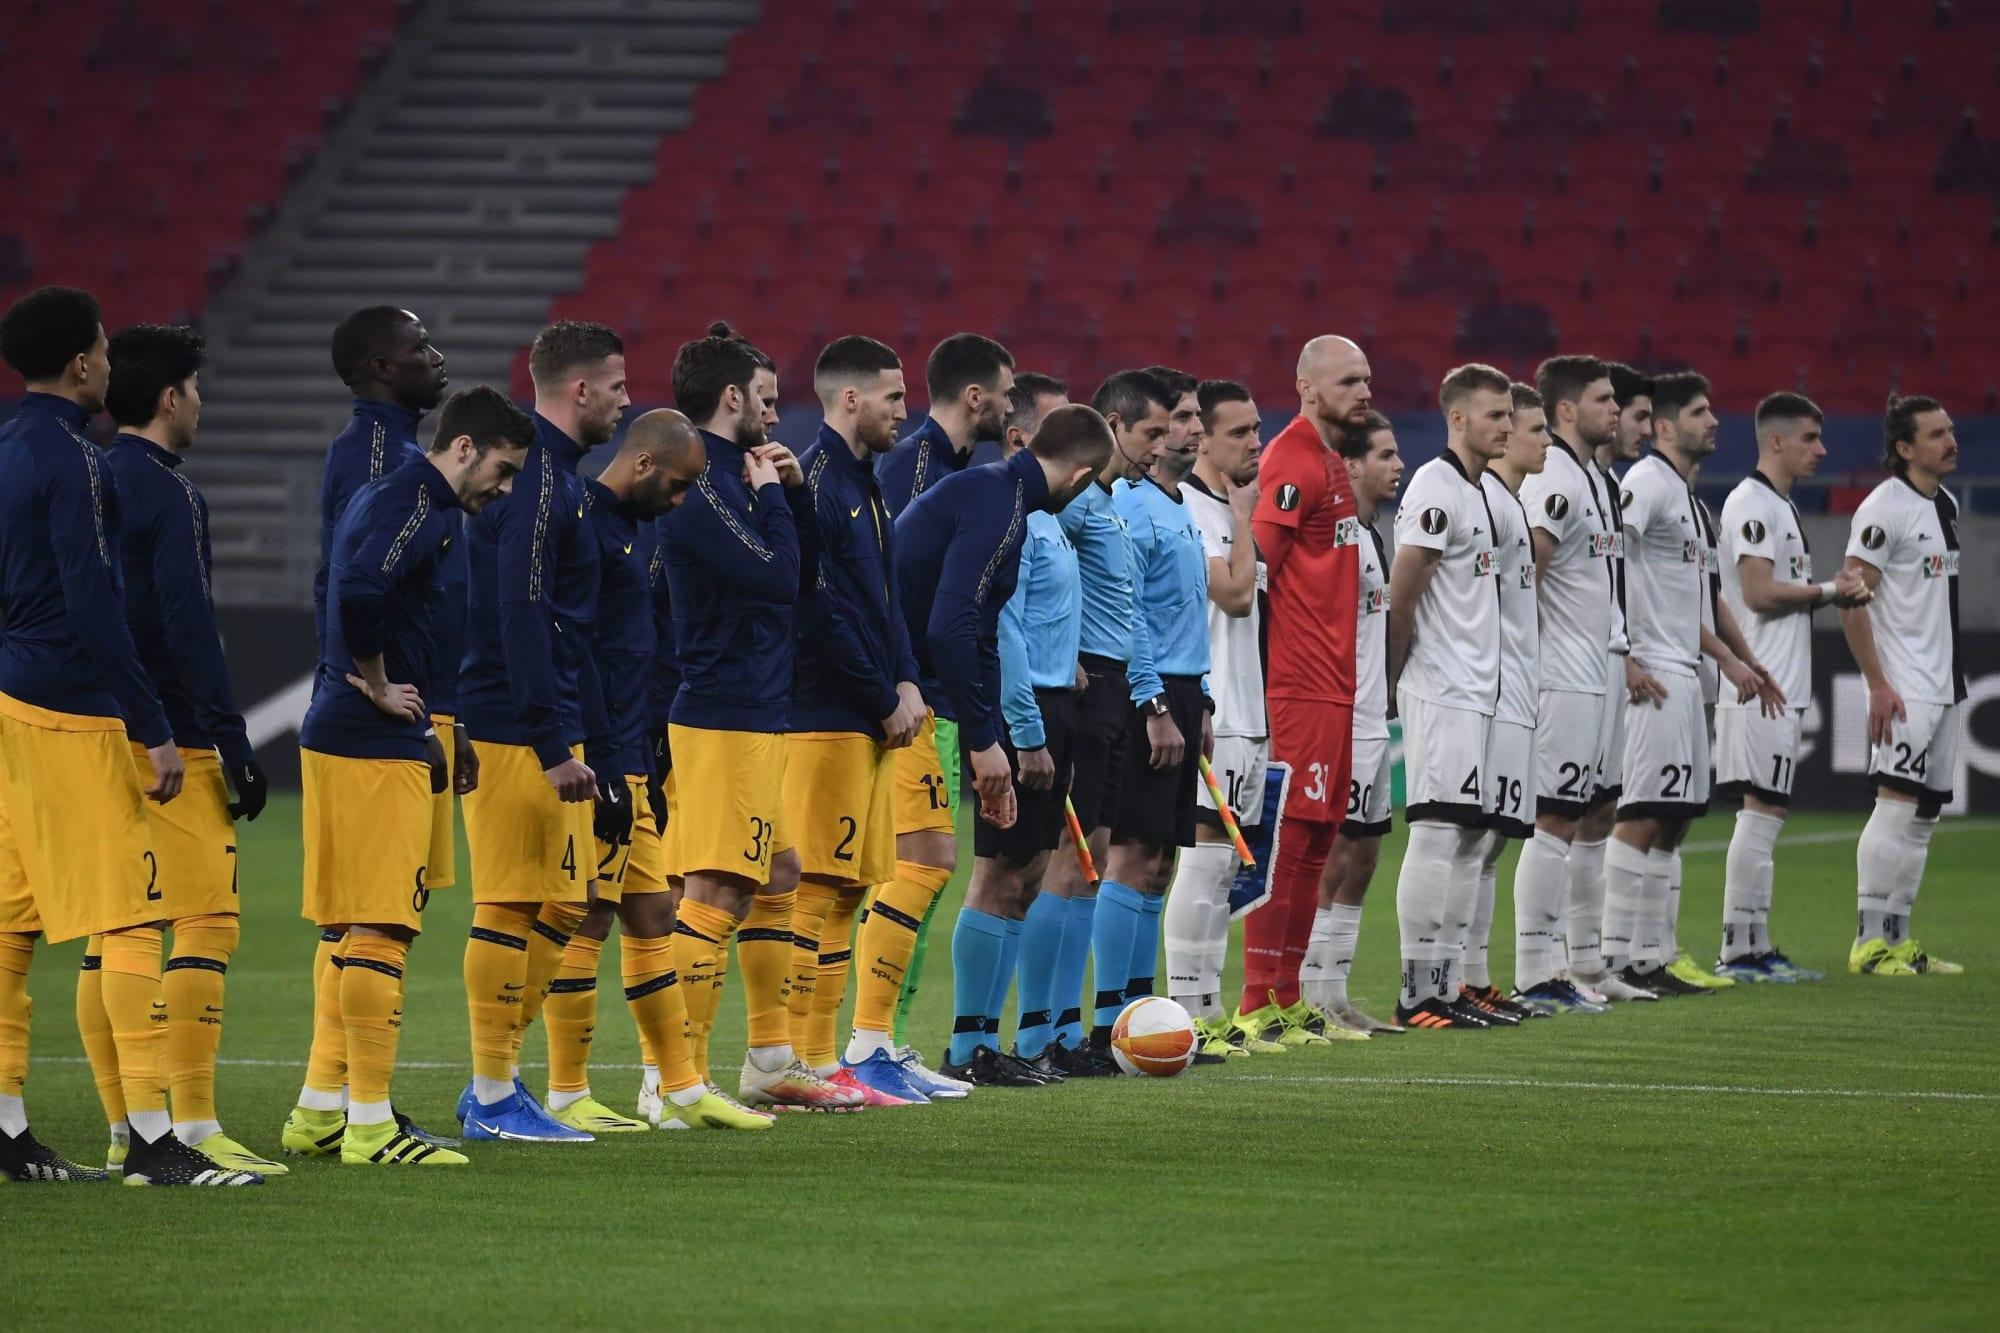 After Saturday results Tottenham Hotspur controls Europa League destiny